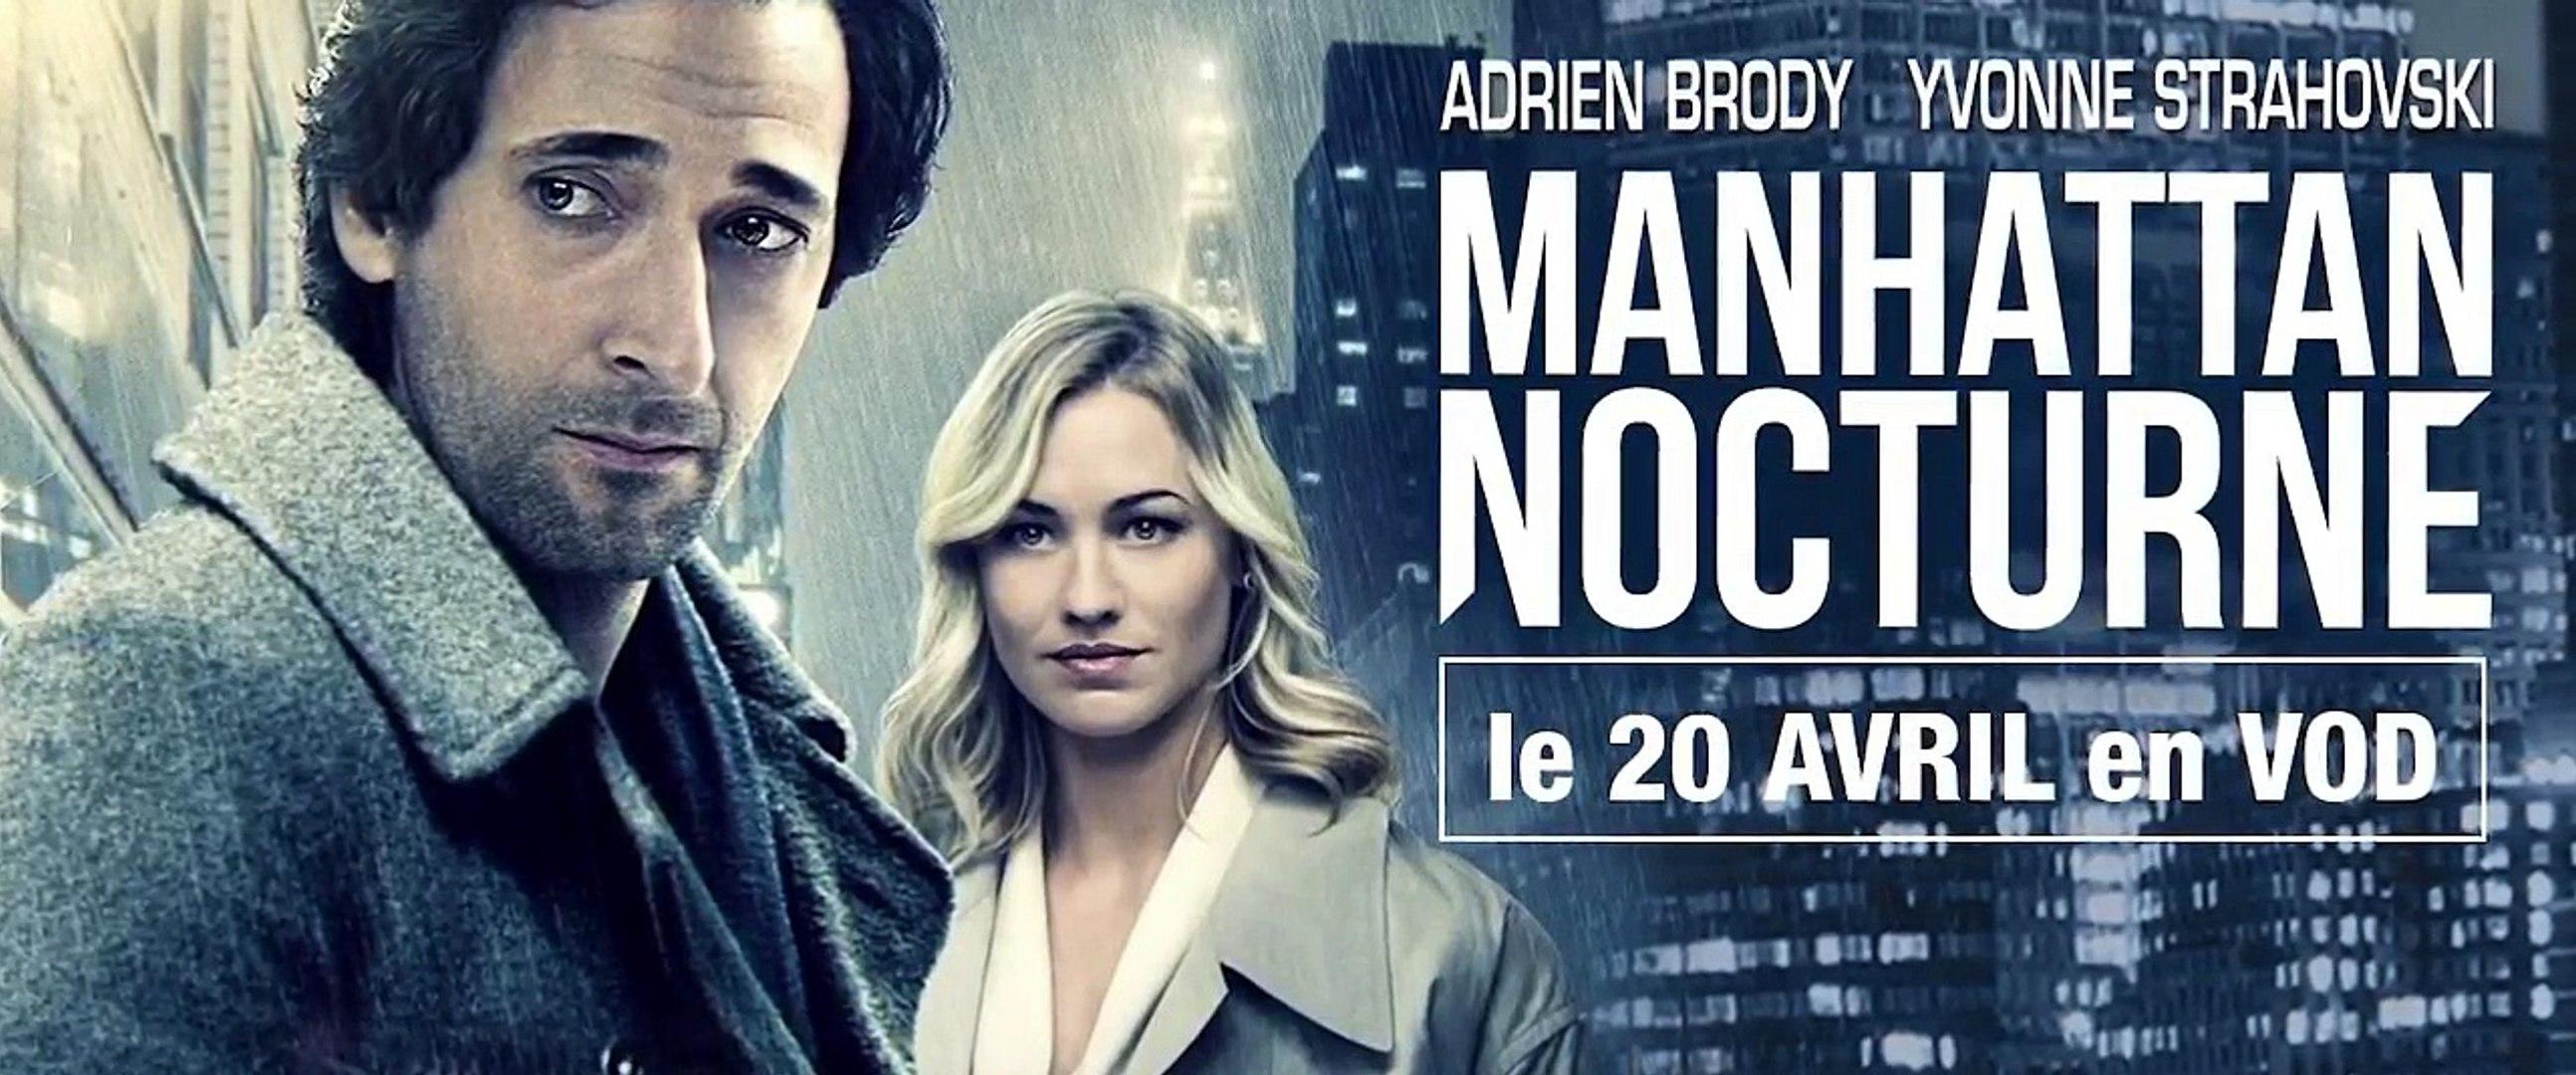 Manhattan Nocturne Bande Annonce Vf (thriller, 2018) Adrien Brody, Yvonne Strahovski-8